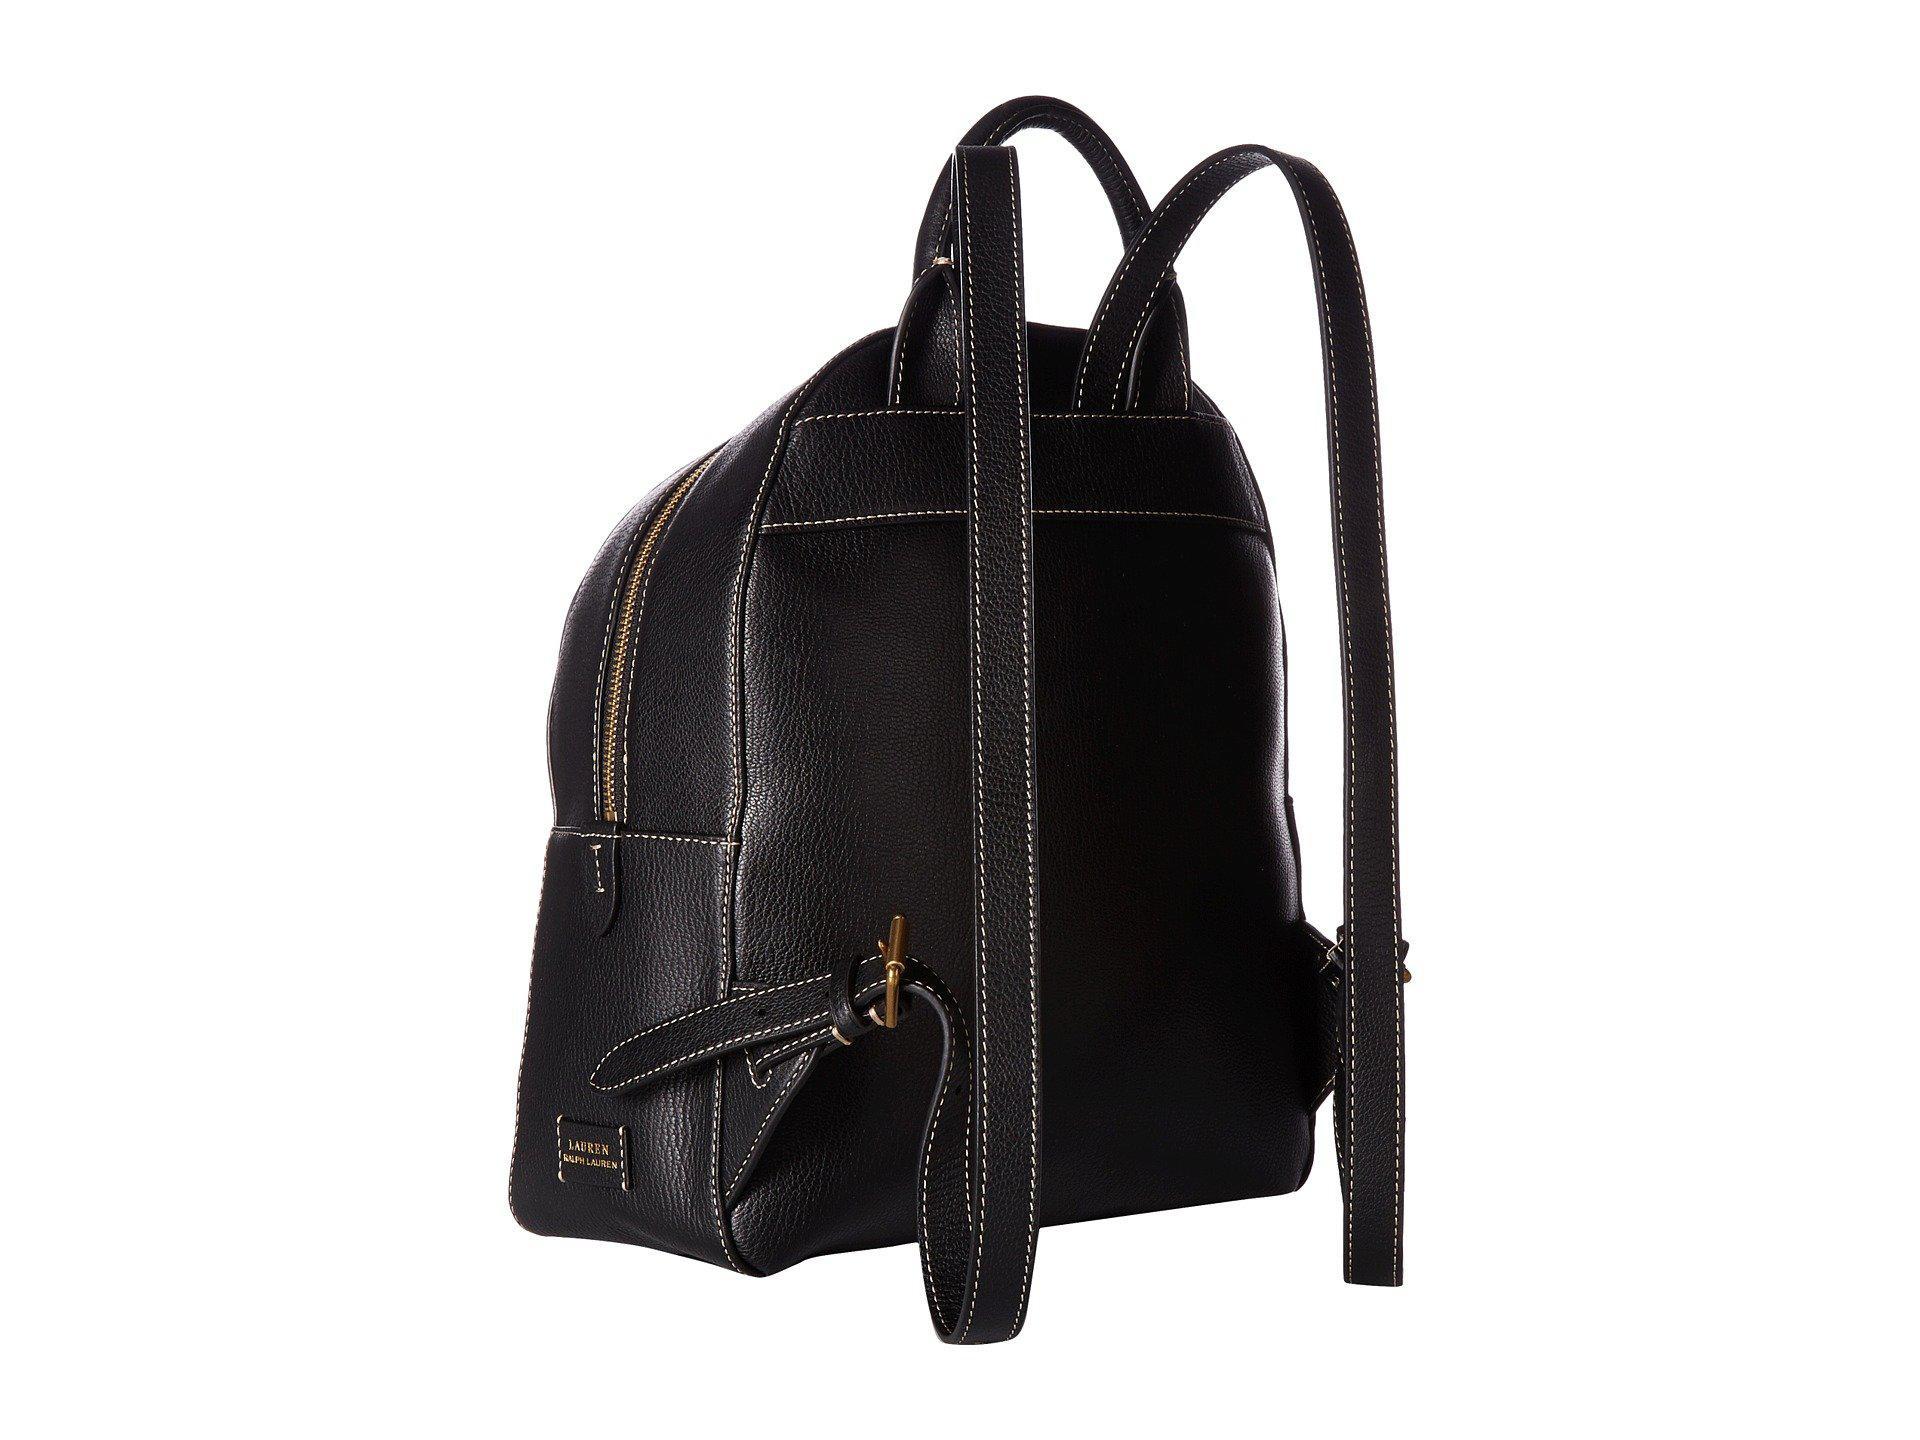 6def8ac022 Lyst - Lauren by Ralph Lauren Millbrook Backpack Medium in Black